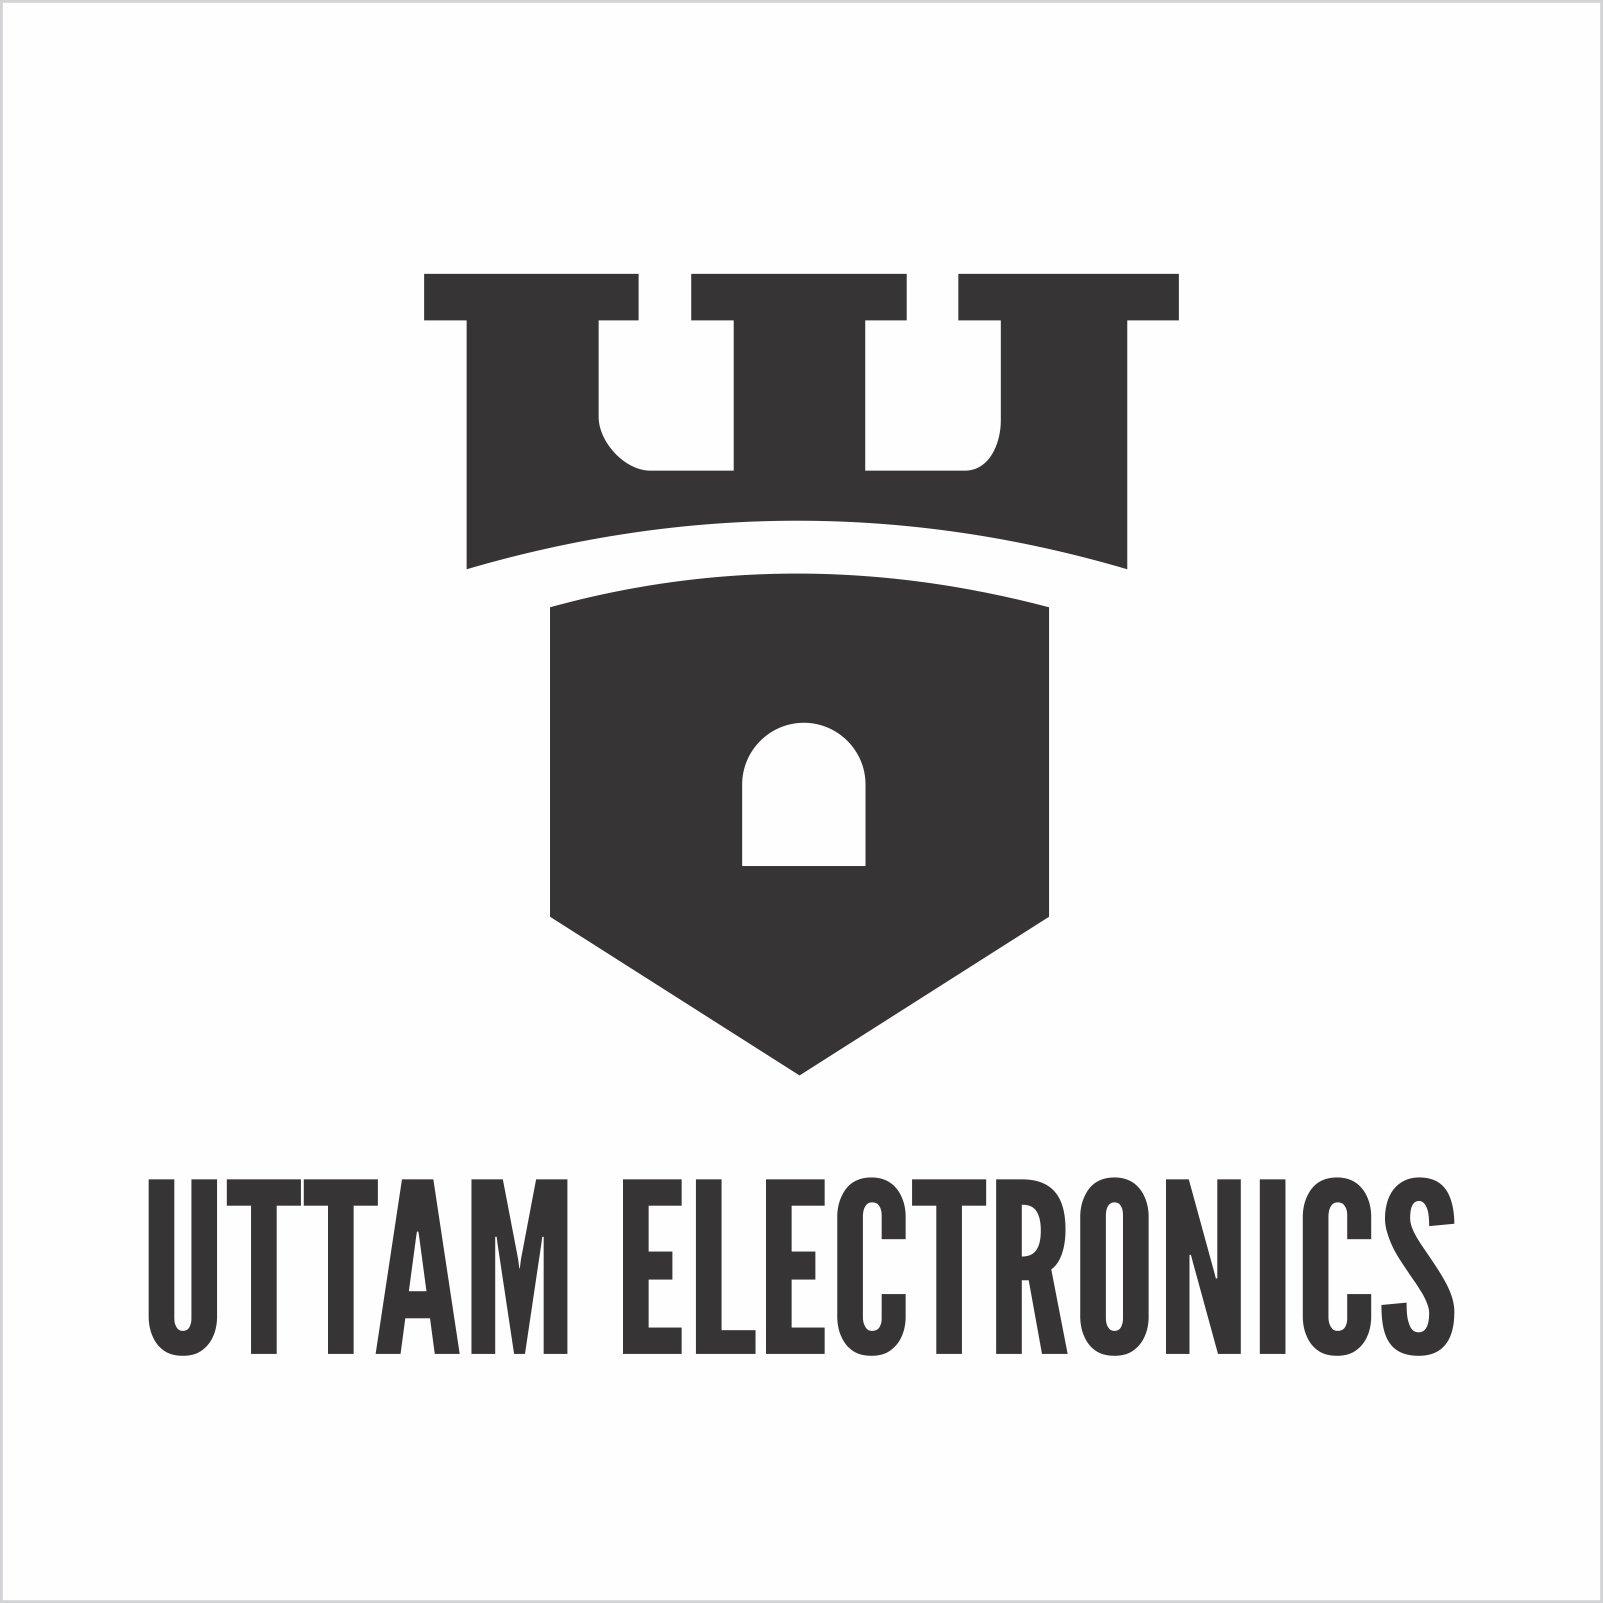 Uttam Electronics - Nashik Image